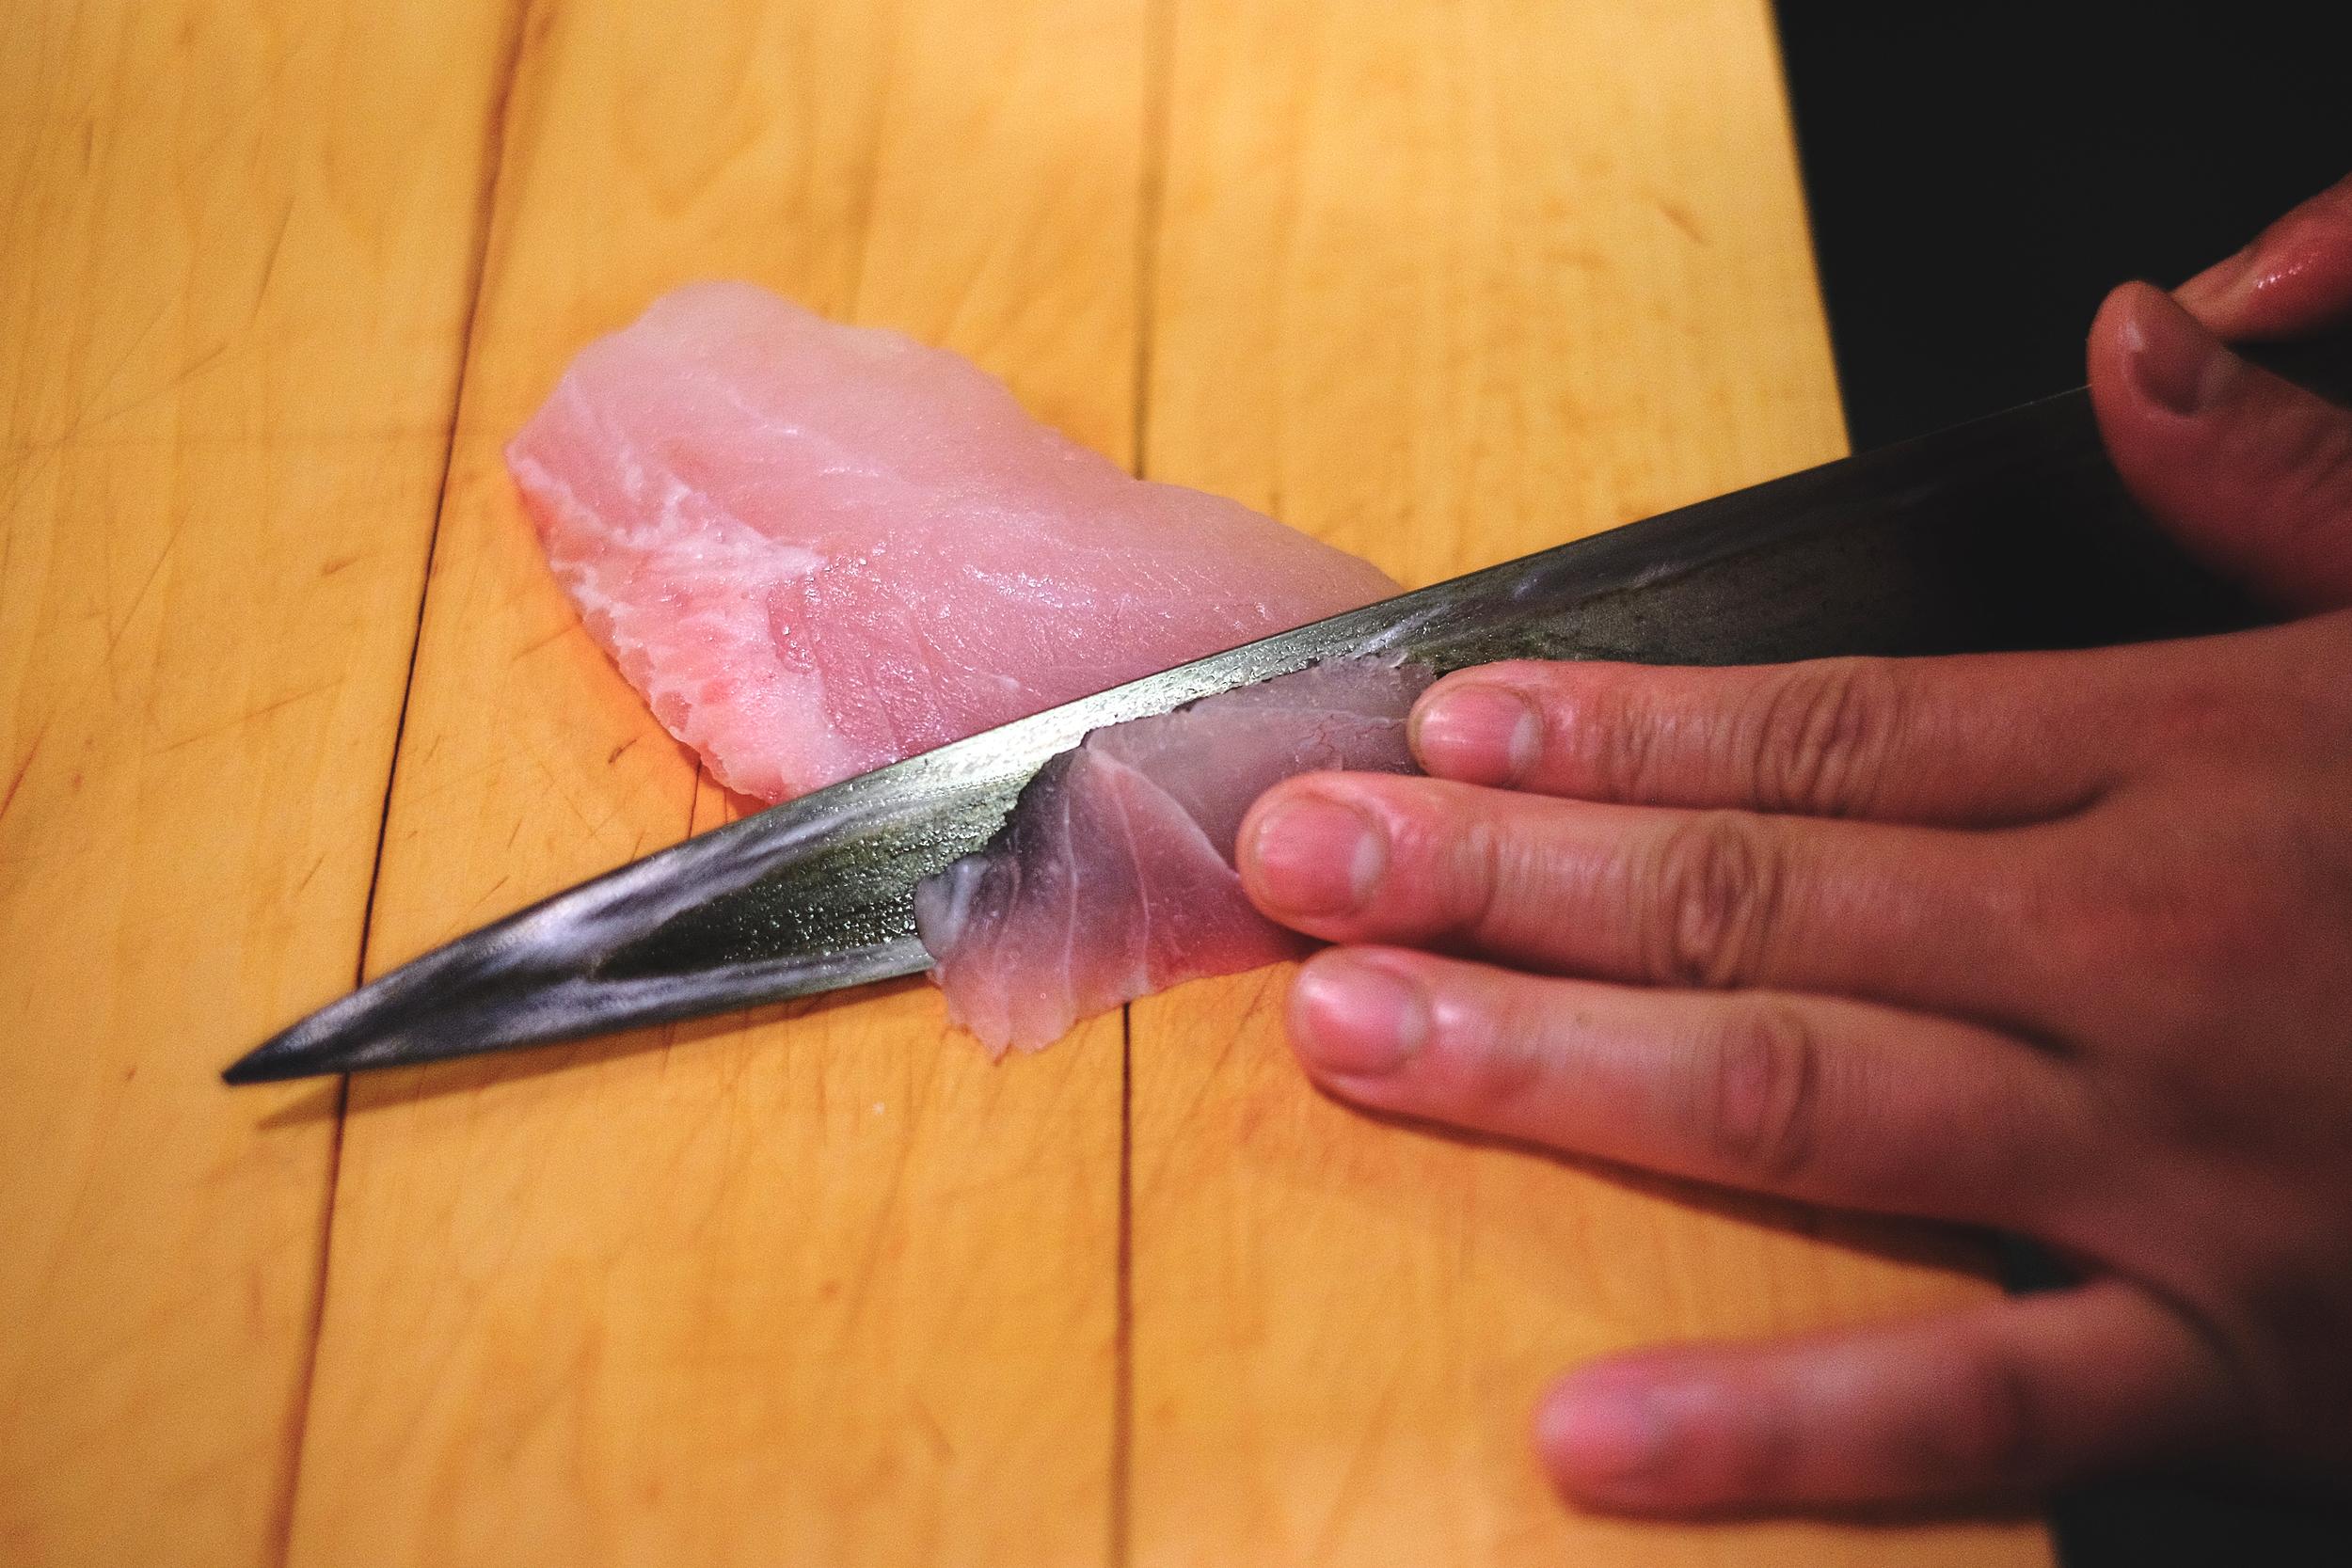 1. 第一刀:取一個適當的薄片寬度,斜切不切斷